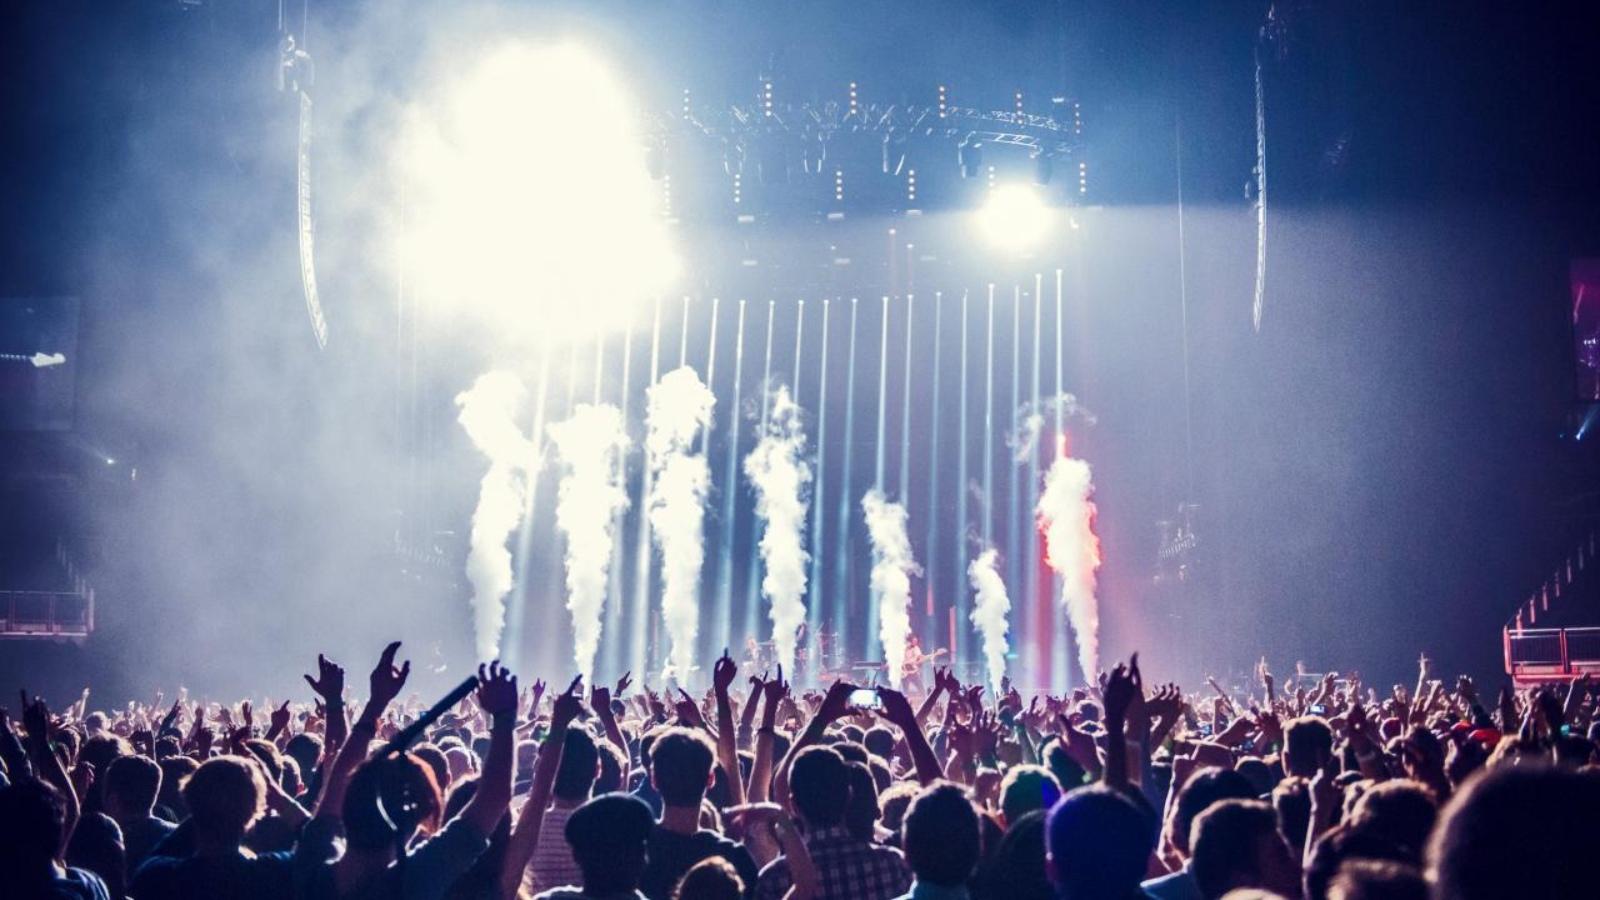 Συναυλίες, κατασκηνώσεις και καζίνο επιστρέφουν στη ζωή μας από τη Δευτέρα